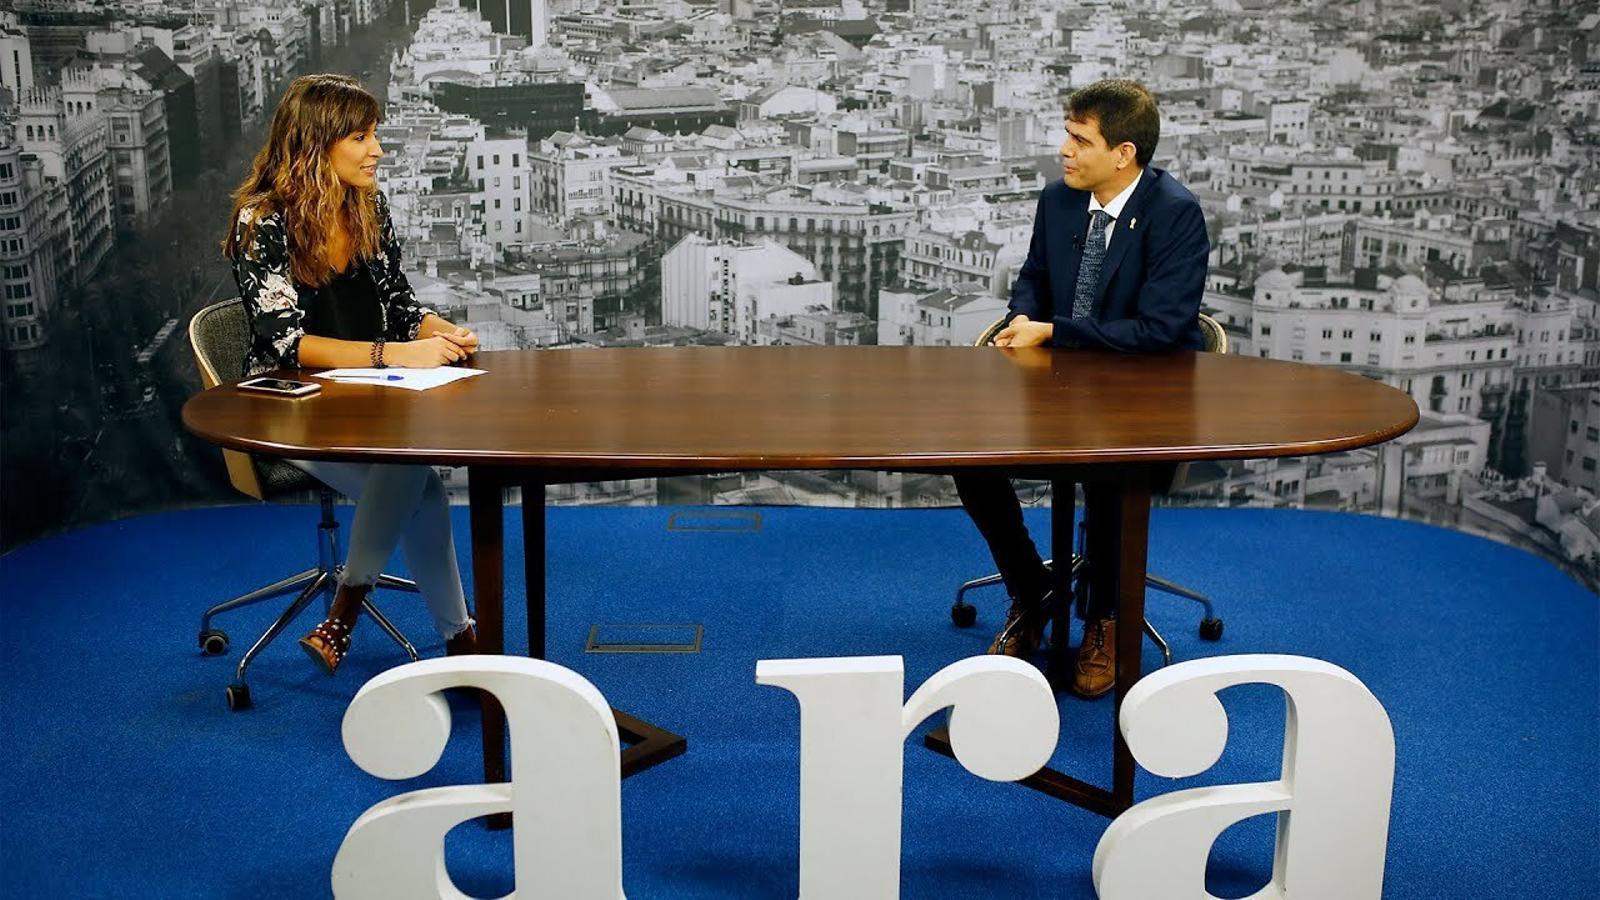 Entrevista de Núria Orriols a Marc Castells